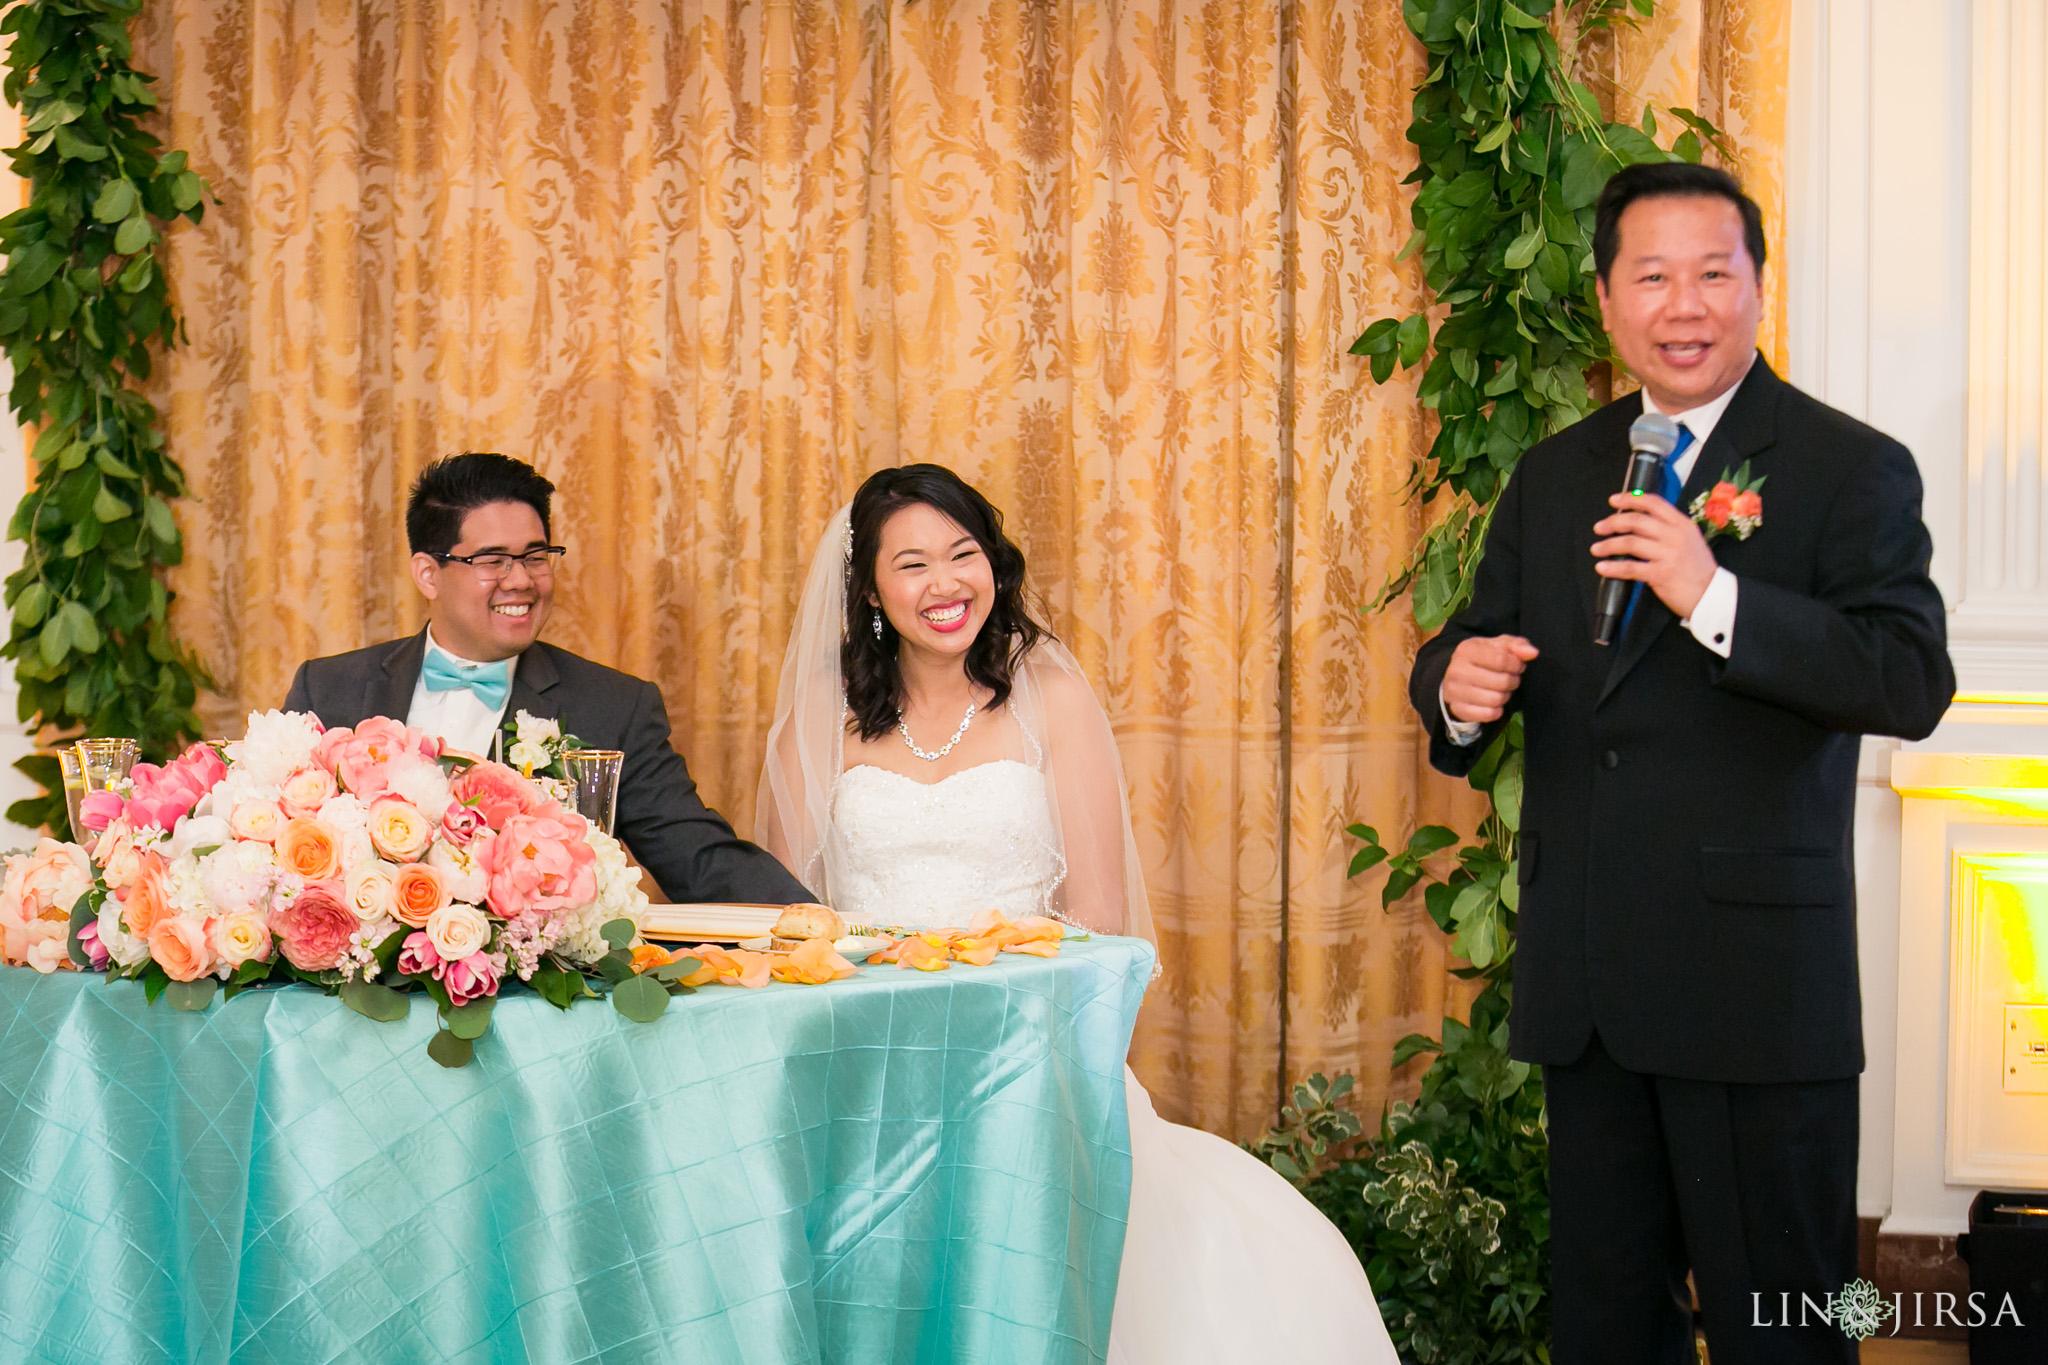 37-richard-nixon-libary-wedding-photography